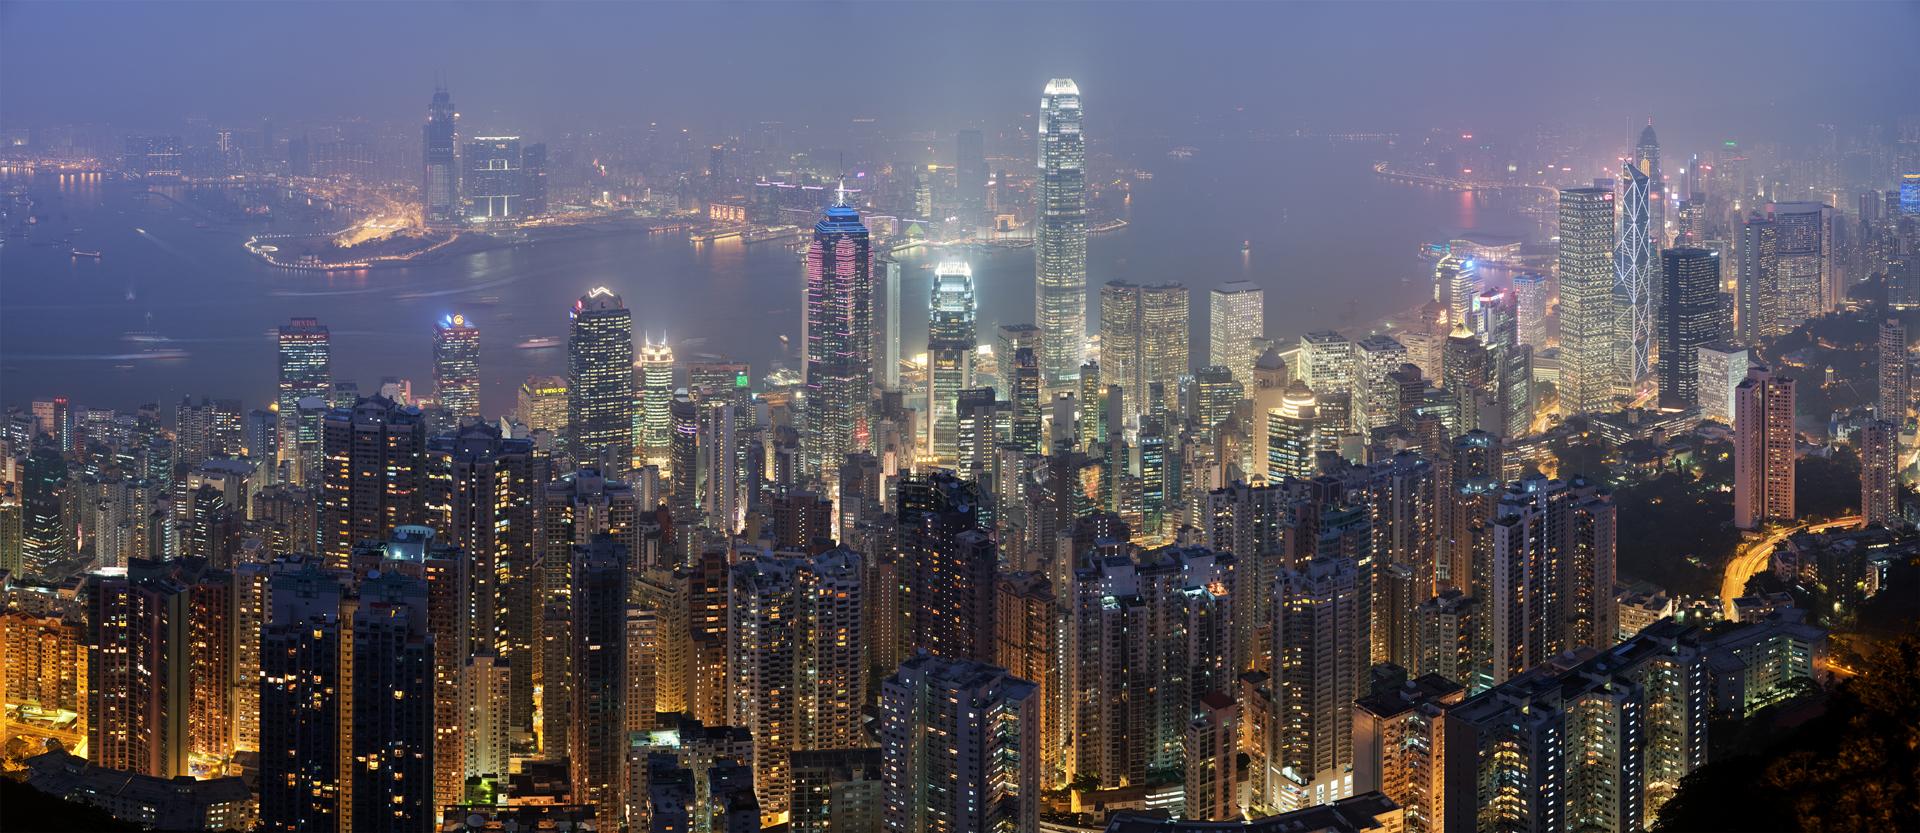 We're Hiring: Business Development Manager, Hong Kong